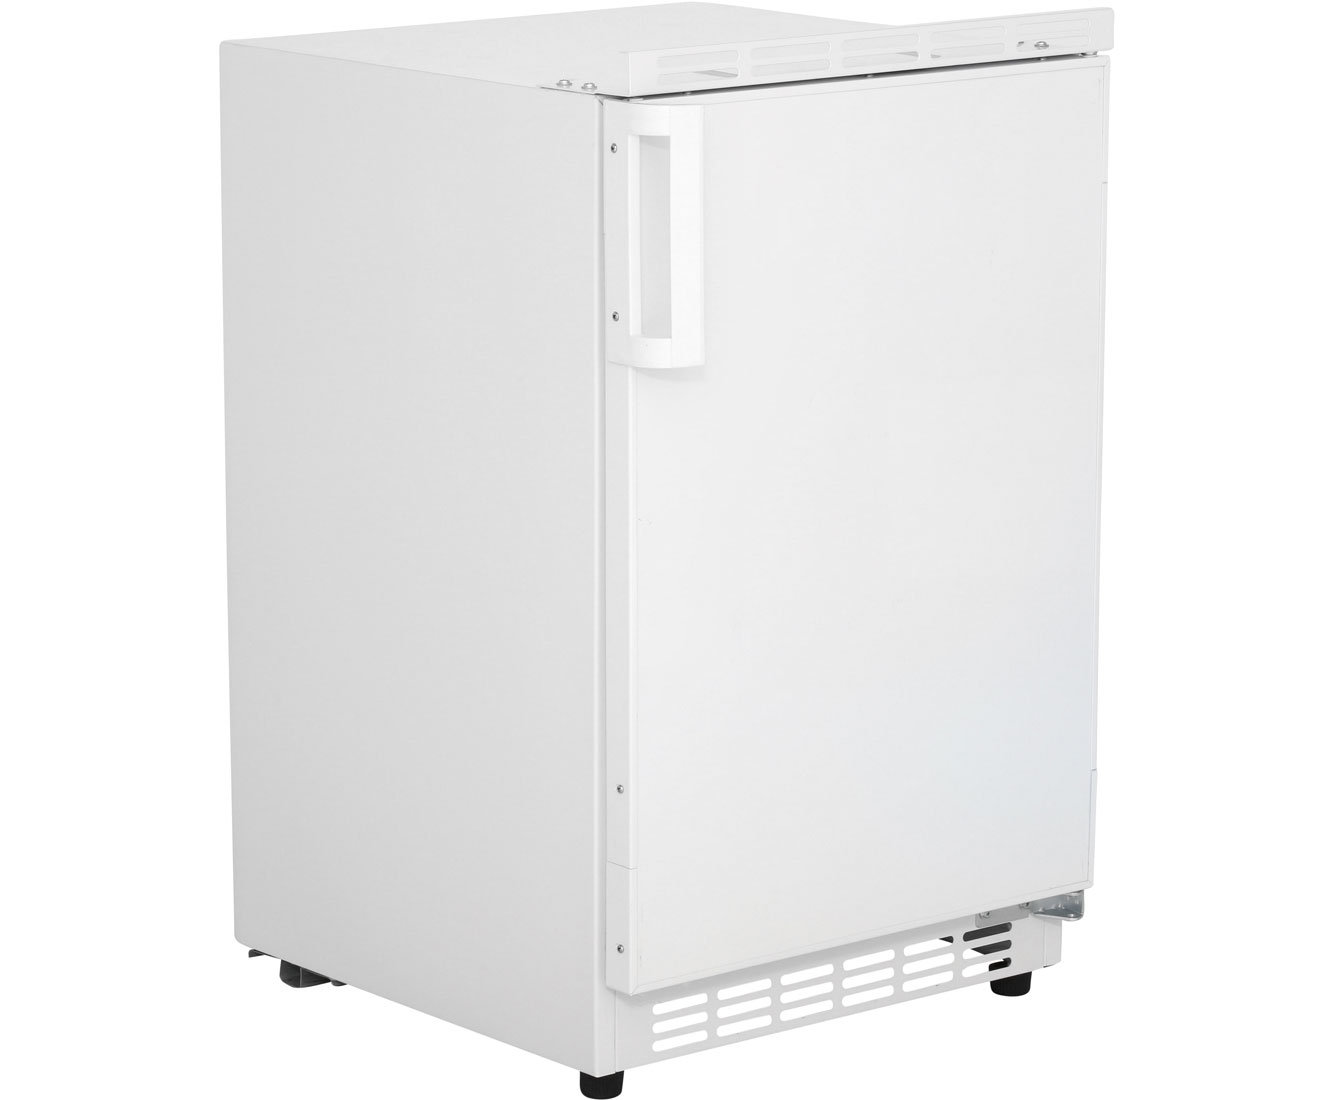 Amica Kühlschrank Retro Rot : Rabatt preisvergleich weiße ware u e kühlen gefrieren u e kühlschrank